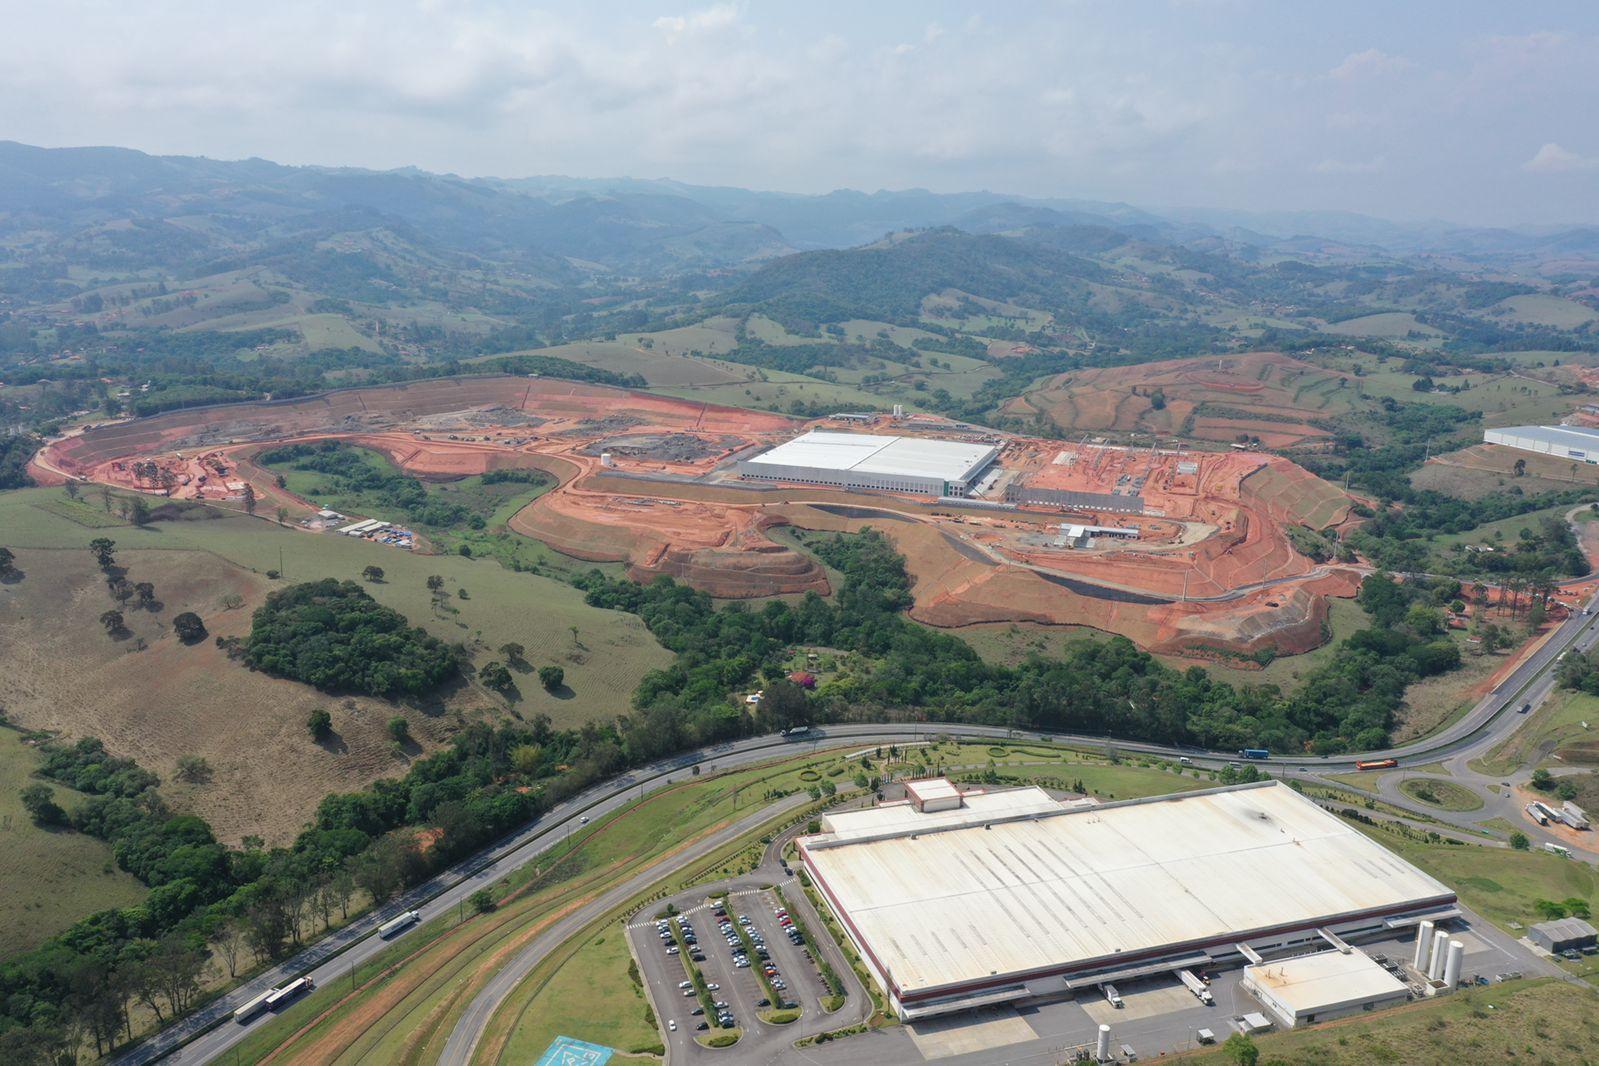 Empresa de parque logístico anuncia investimento de R$ 750 milhões no estado